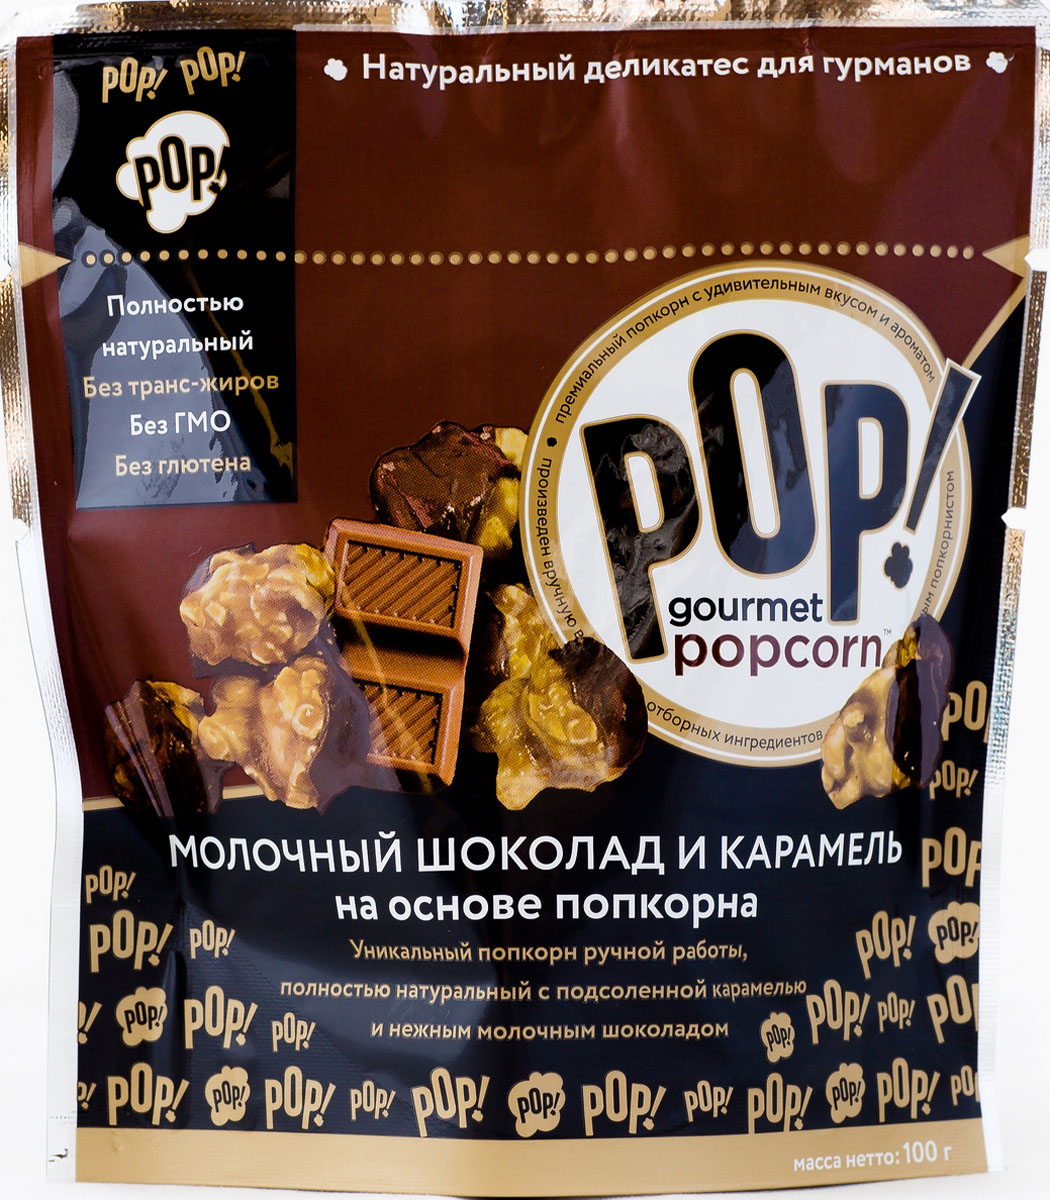 POP! Gourmet Popcorn молочный шоколад и карамель на основе попкорна, 100 г popcorn hour с 200